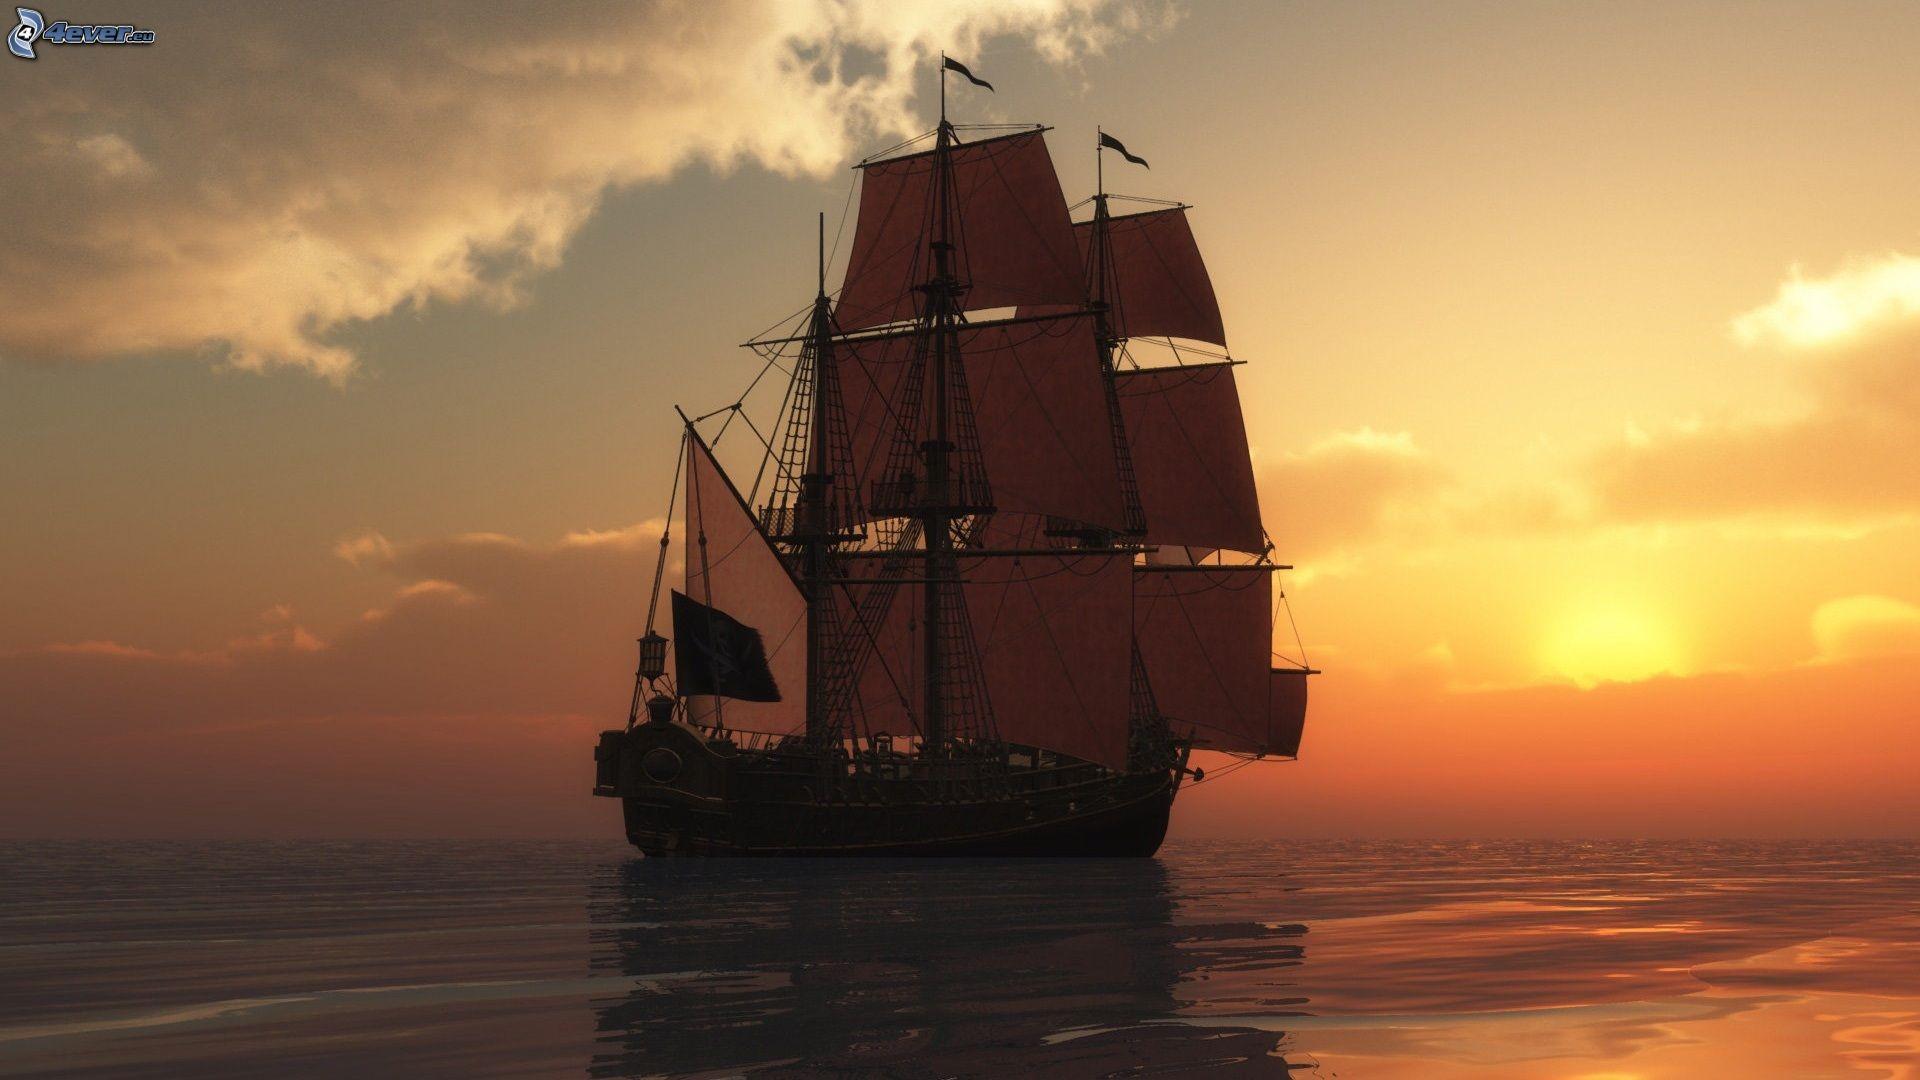 Segelschiffe auf dem meer sonnenuntergang  Segelschiff